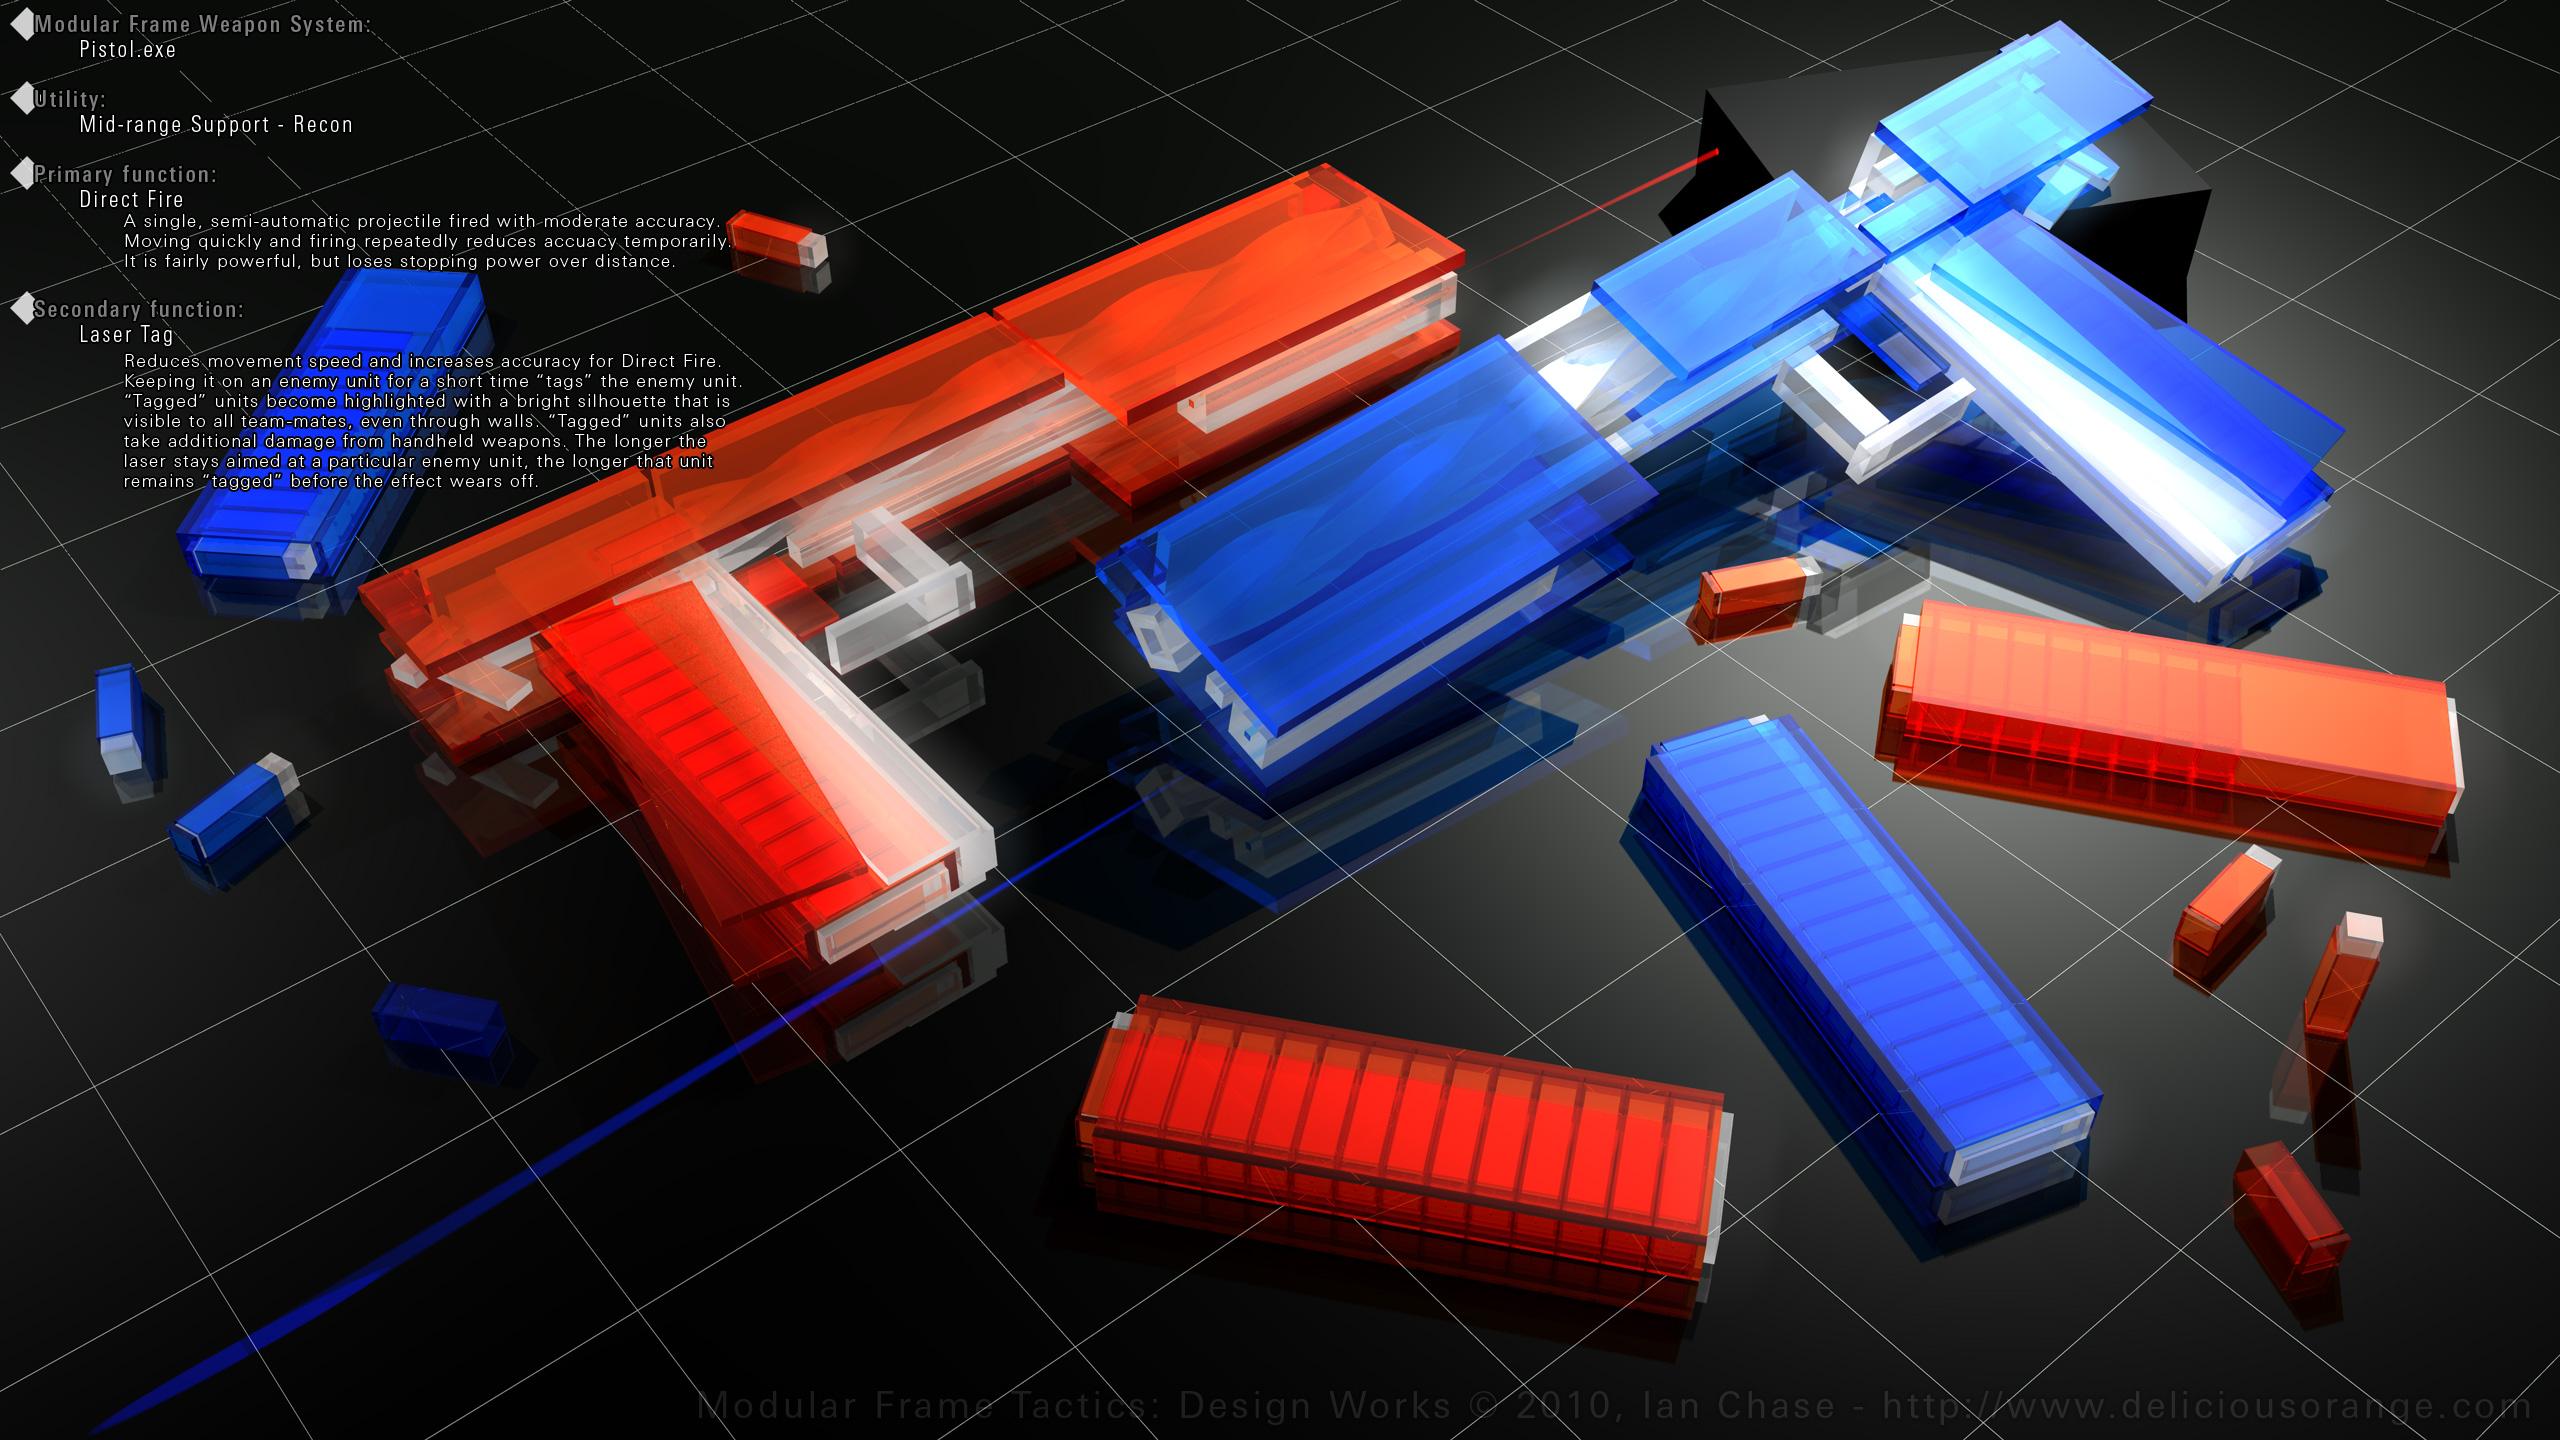 MFT - Pistol Design